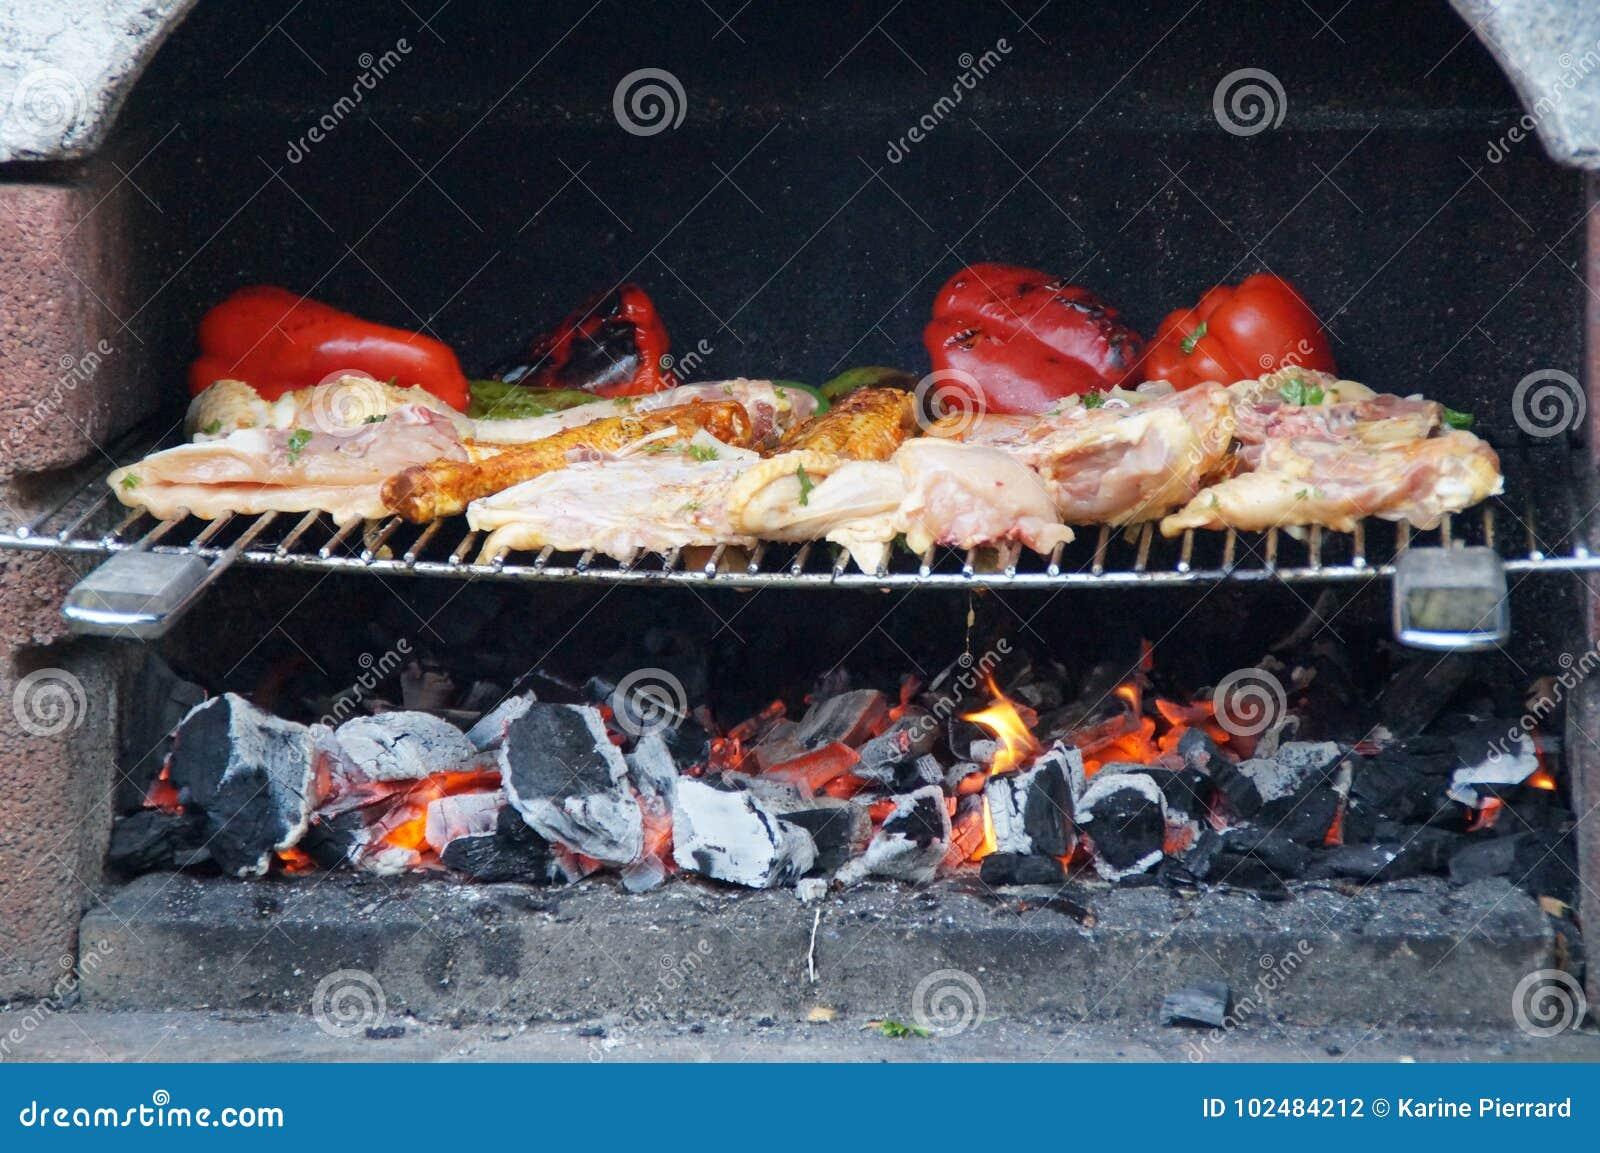 El cocinar en la barbacoa Una comida deliciosa en la barbacoa Pimientas y pollo asados en la barbacoa Comida del verano